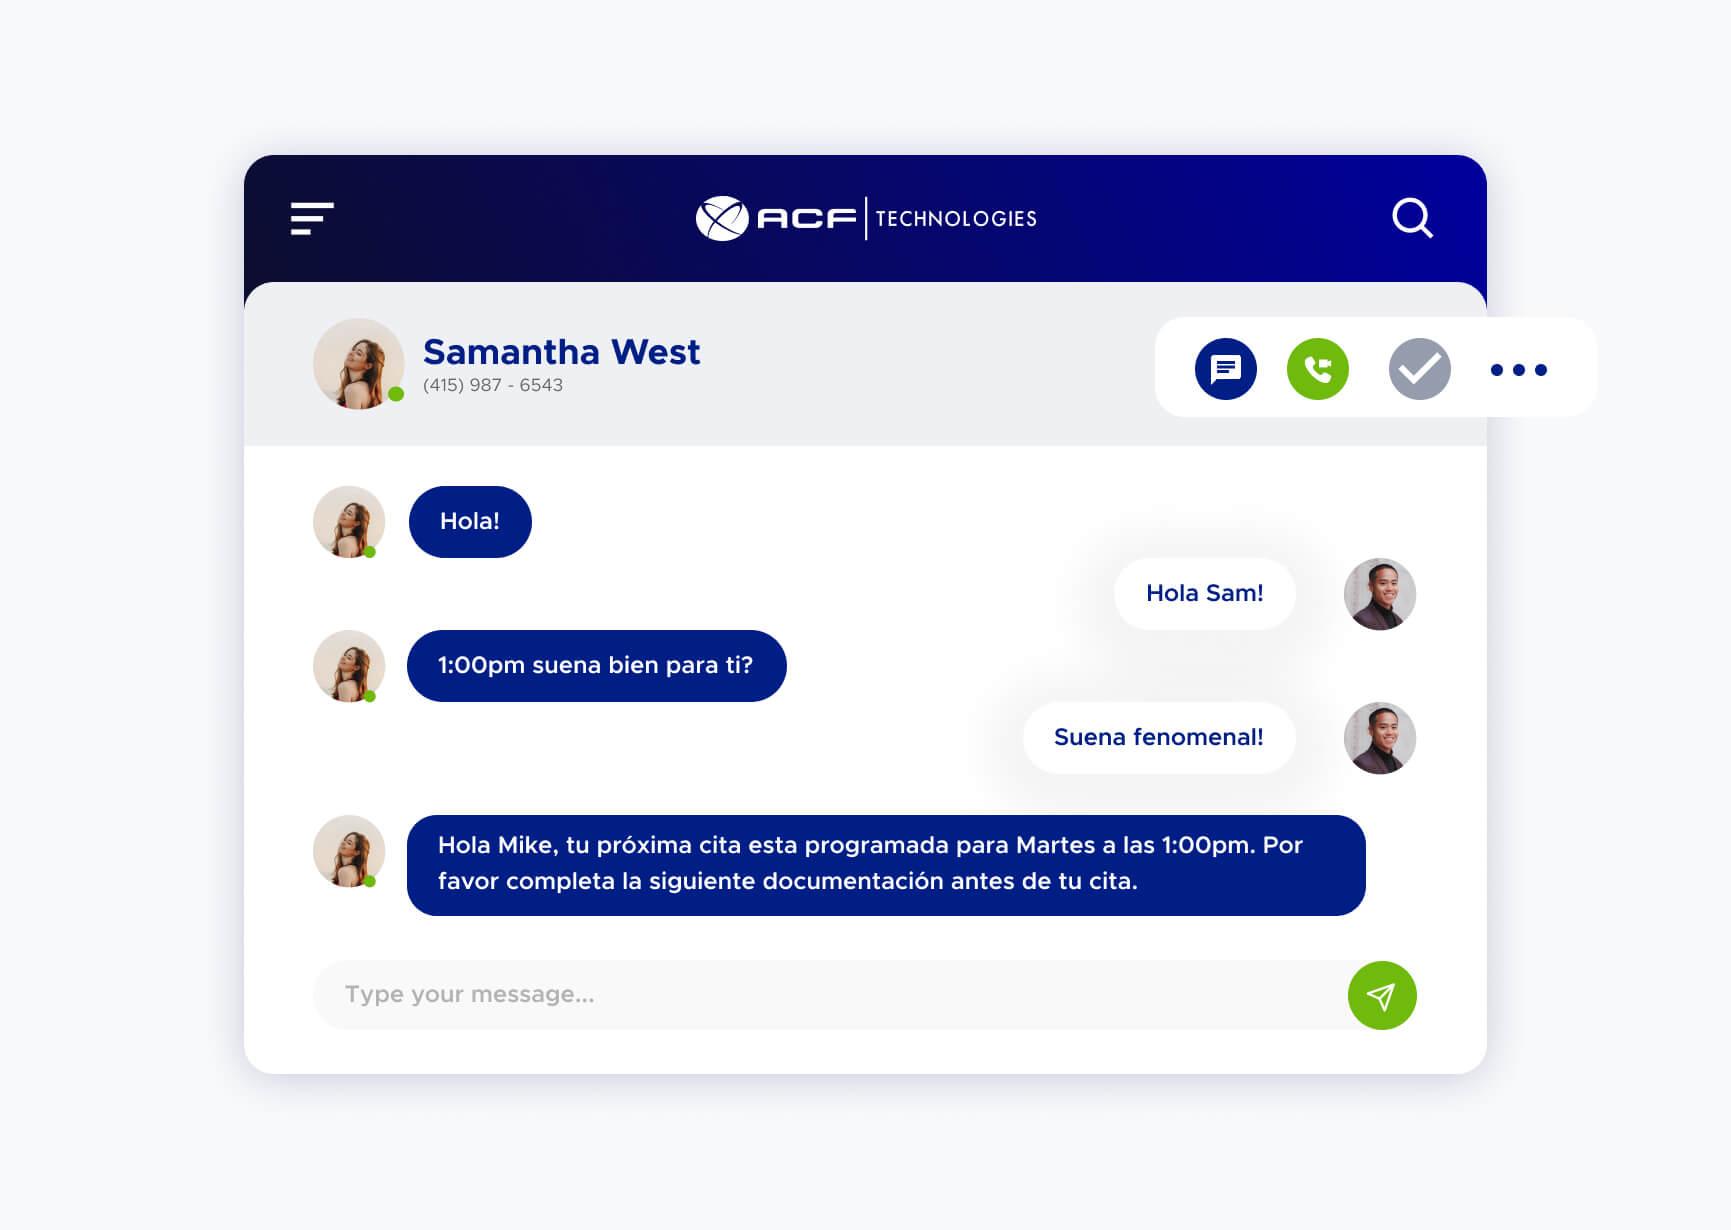 Simulación de un chat utilizando la plataforma de ACF Technologies